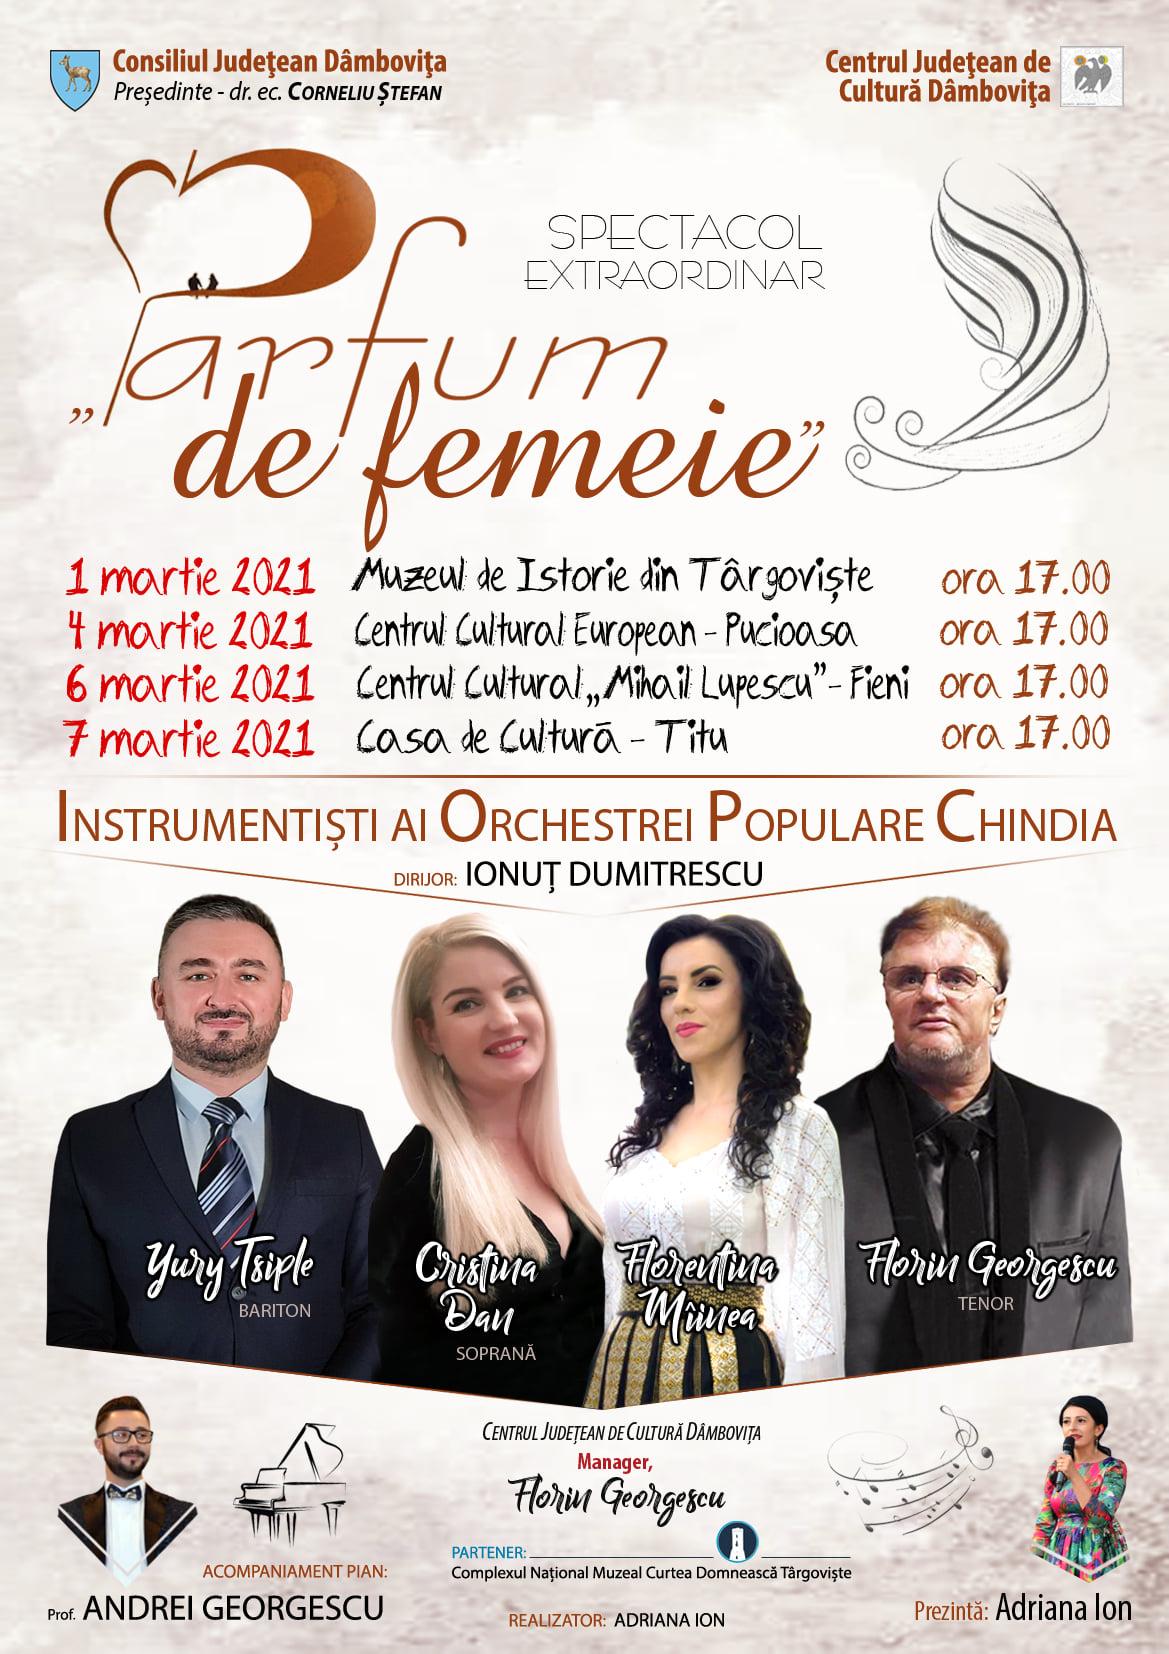 """Centrul Județean de Cultură Dâmbovița va organiza, în perioada 1-7 martie 2021, un miniturneu muzical intitulat """"Parfum de femeie""""."""